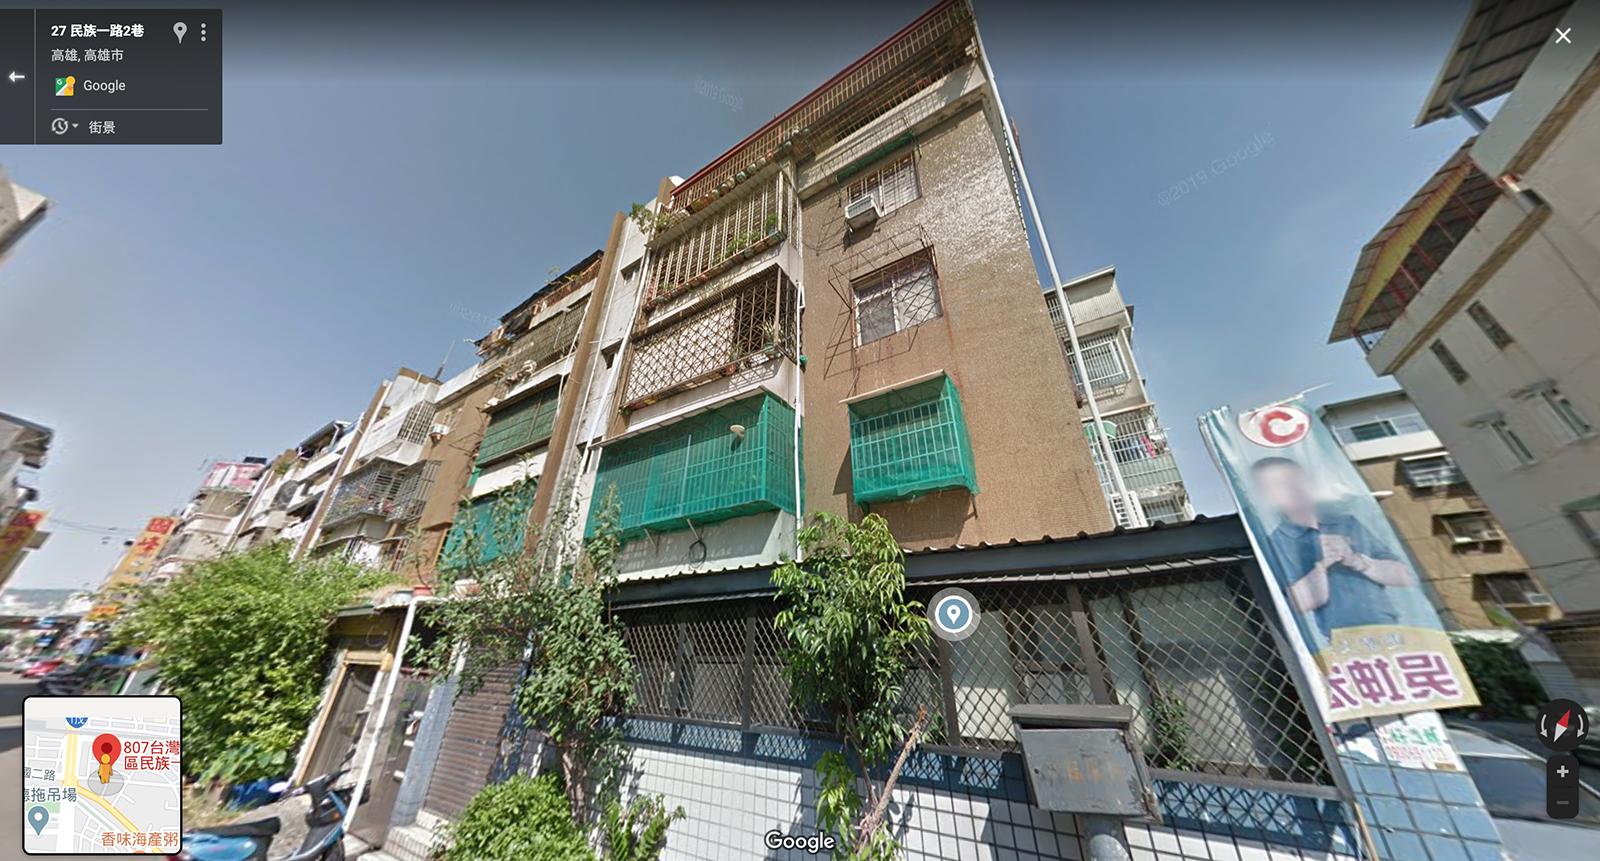 🏠公寓(法拍)三民區 近高雄車站、民族車站 公寓4+5樓 6房